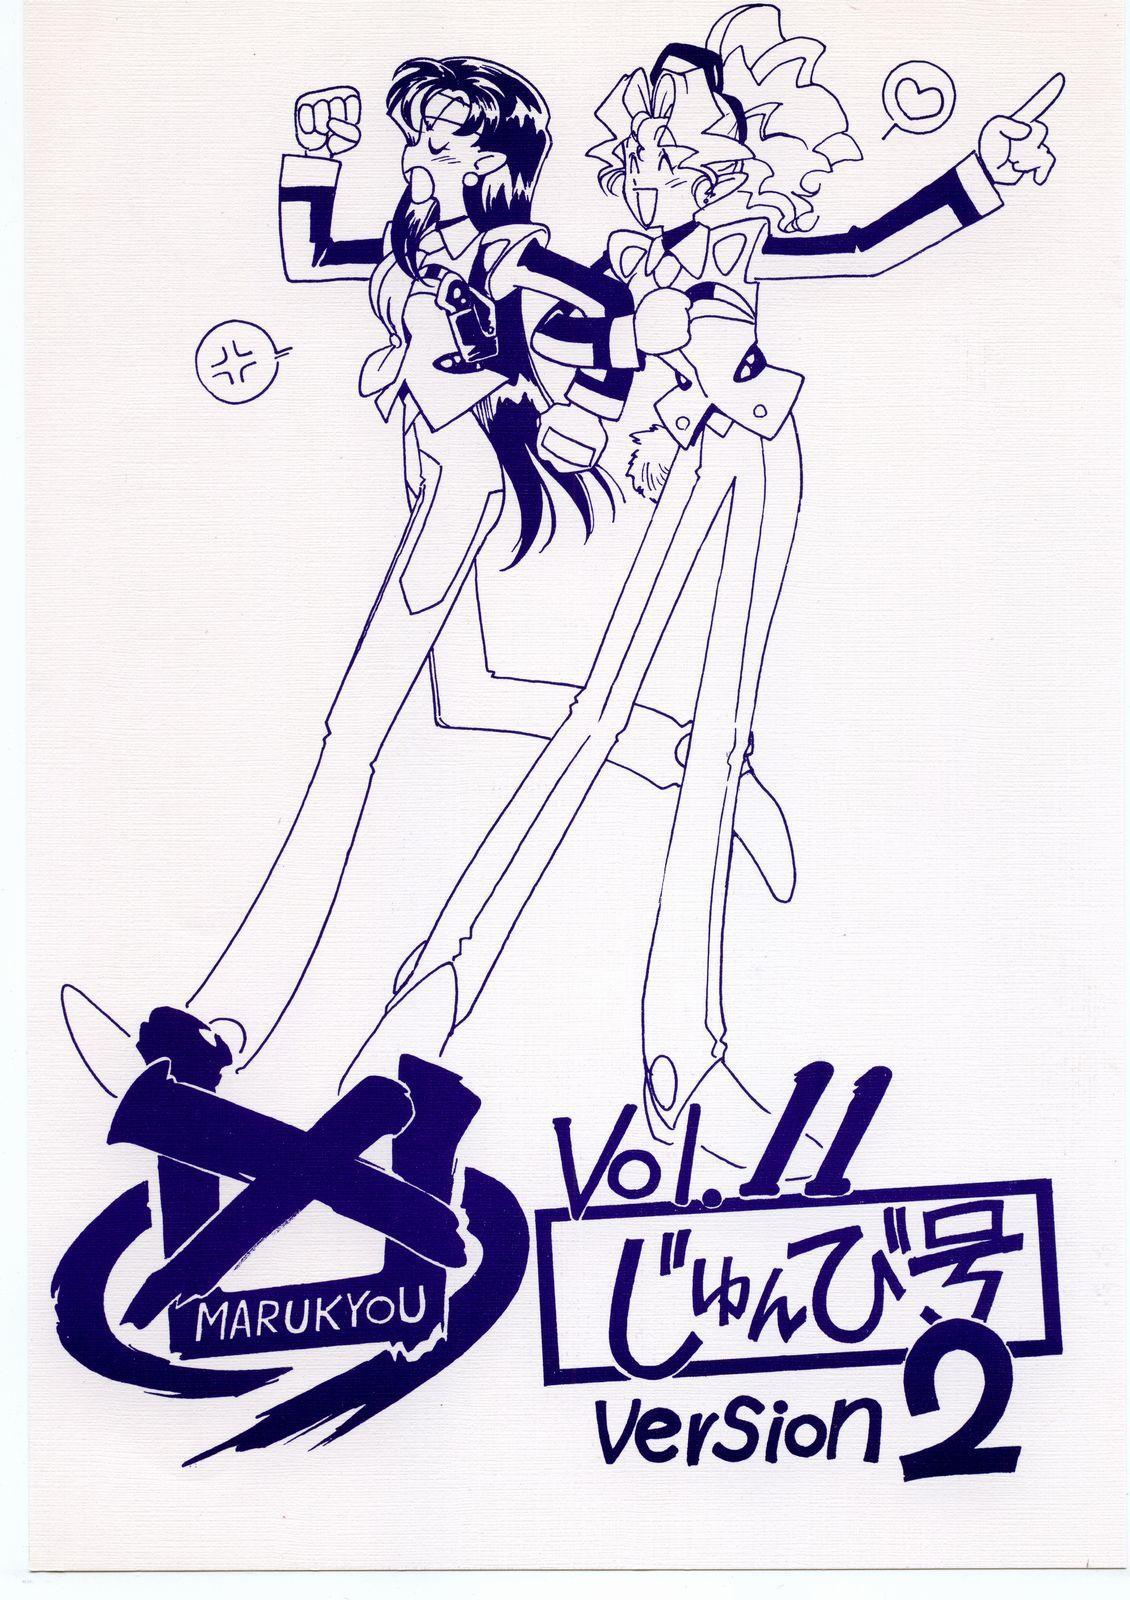 Kyouakuteki Shidou Vol. 11 Junbigou Version 2 0